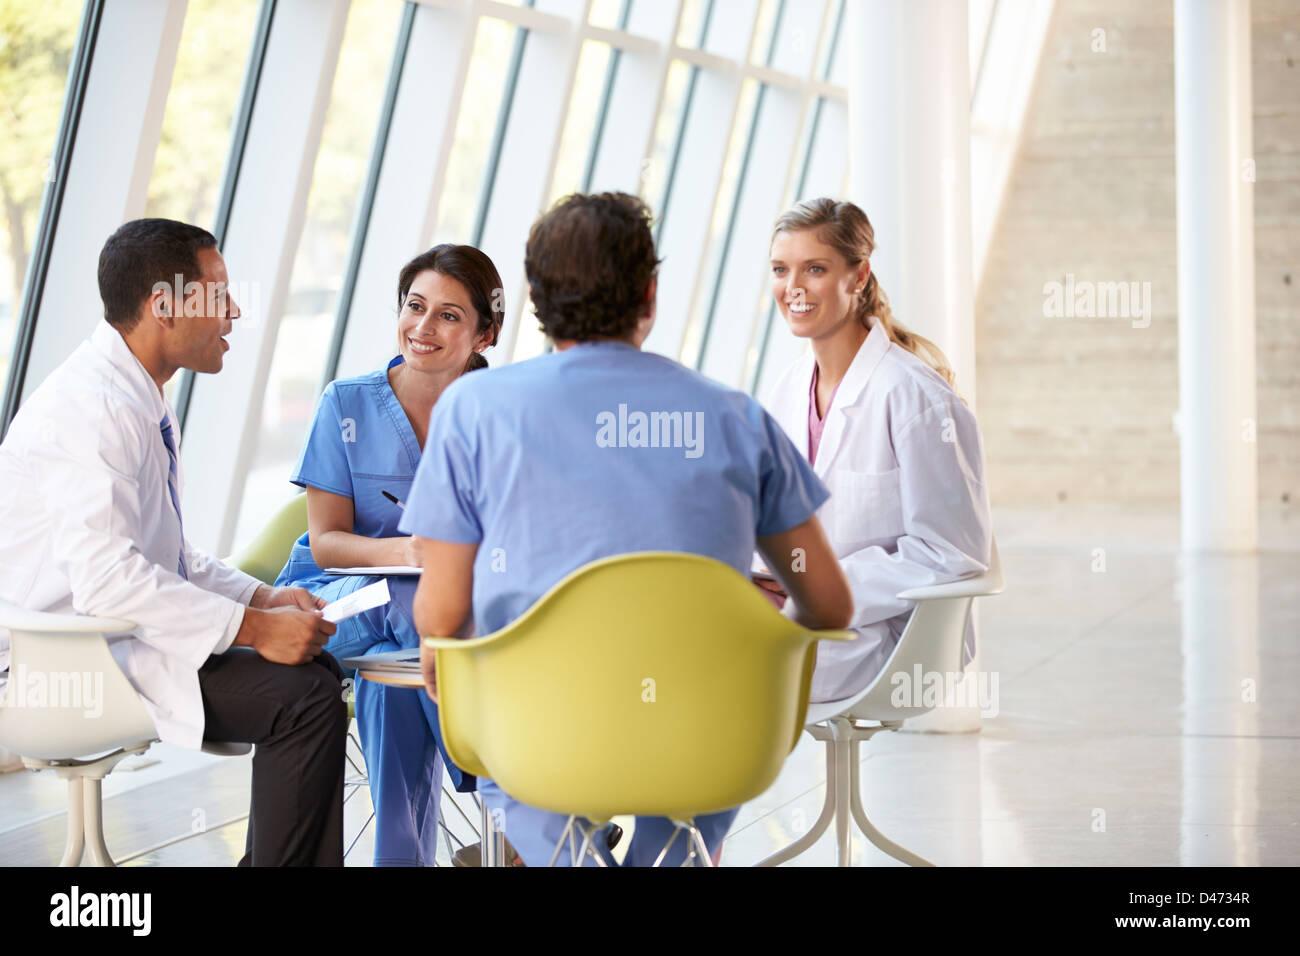 Reunión de equipo médico en torno a una mesa en un moderno hospital Imagen De Stock